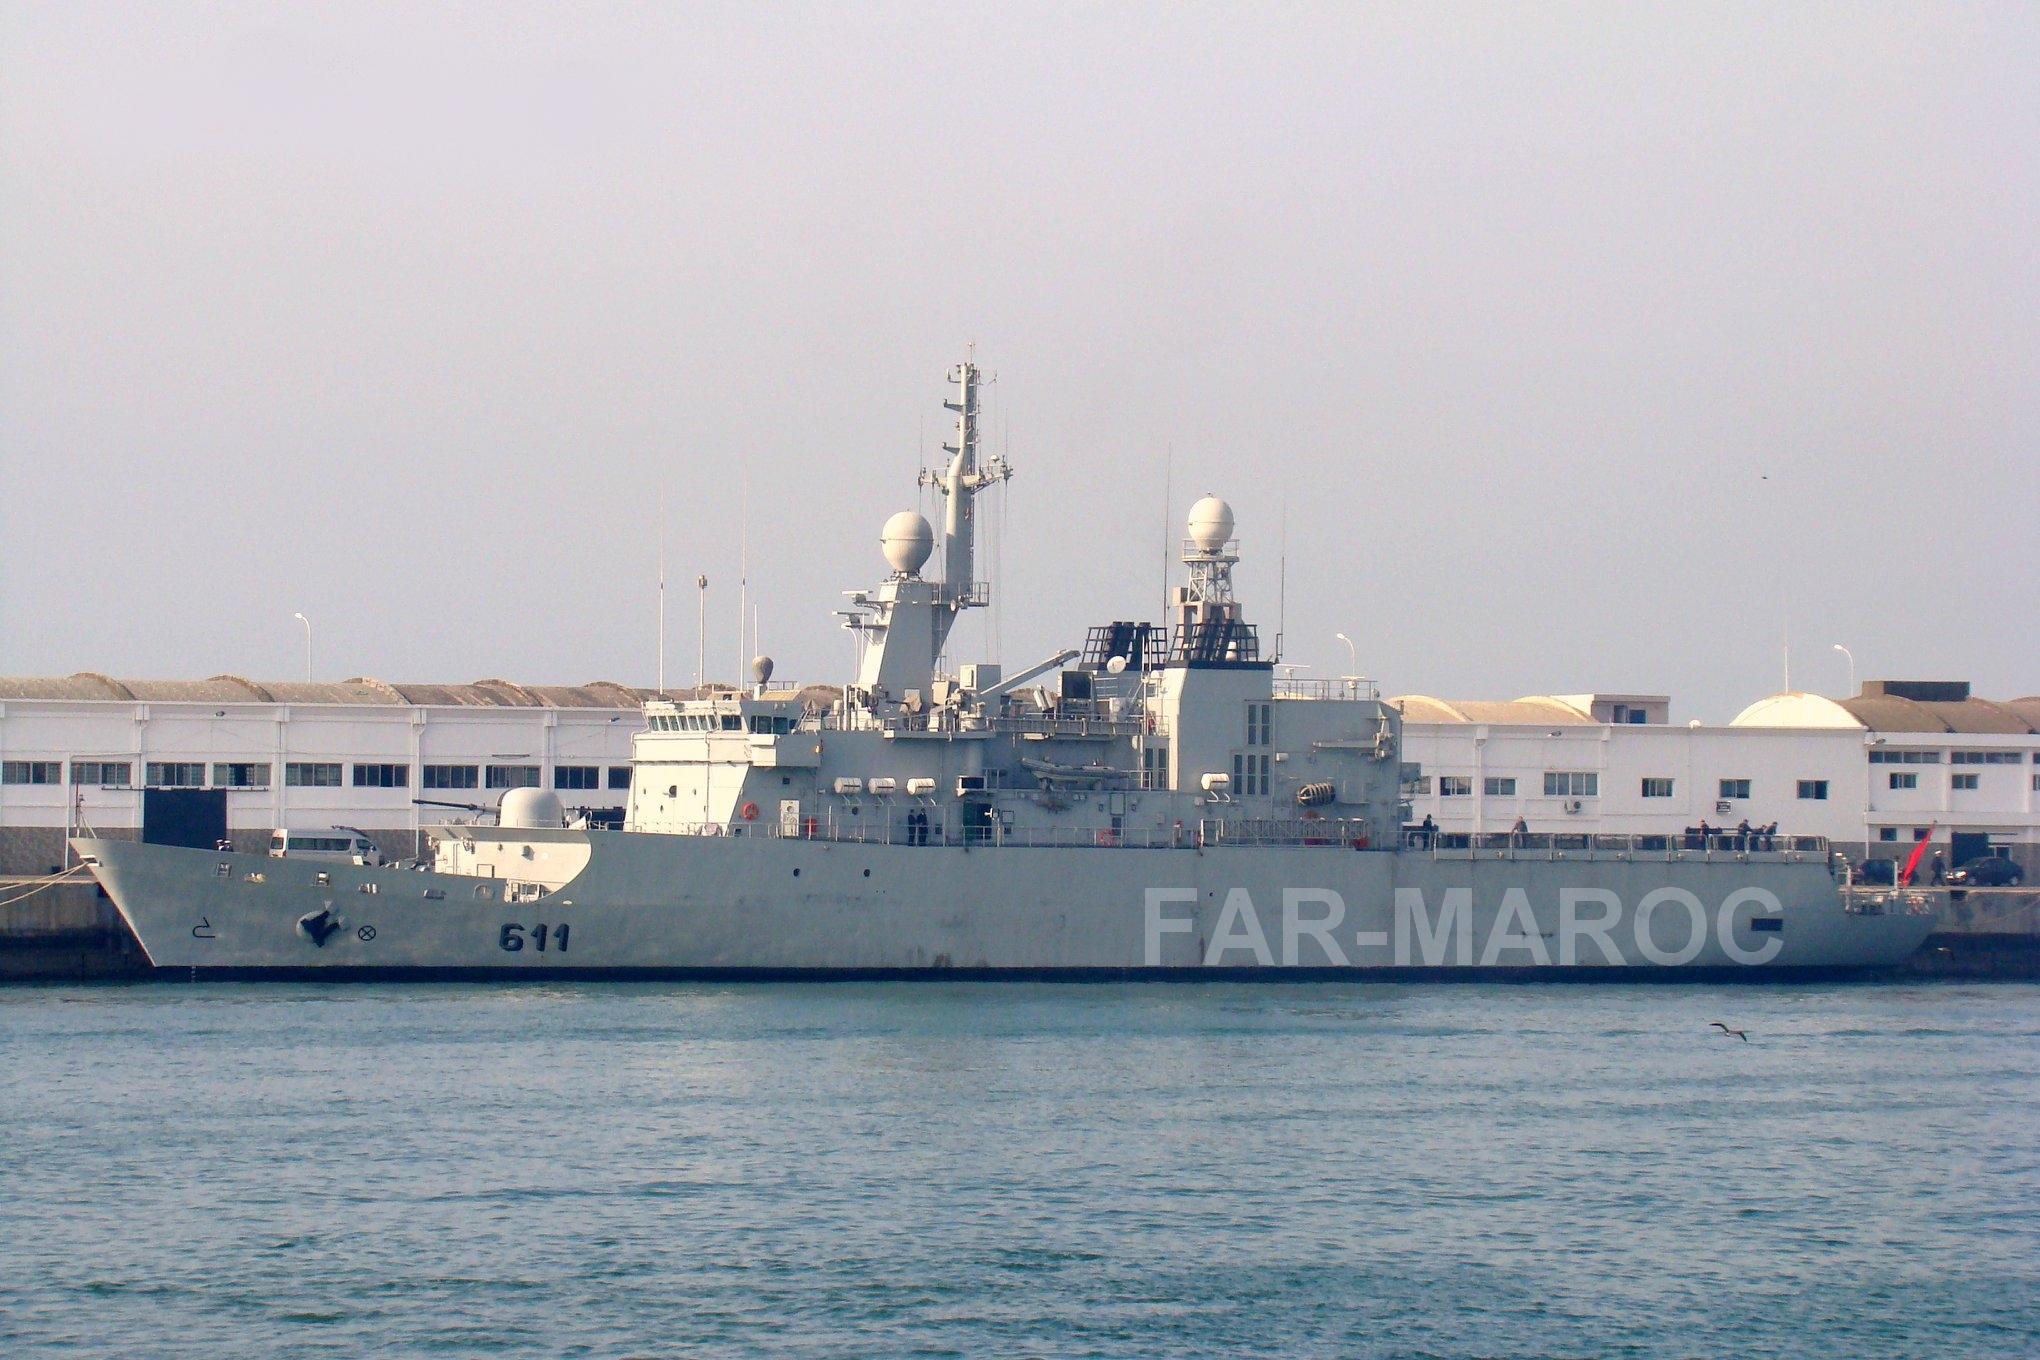 Royal Moroccan Navy Floréal Frigates / Frégates Floréal Marocaines - Page 14 33834161628_73b8e78885_o